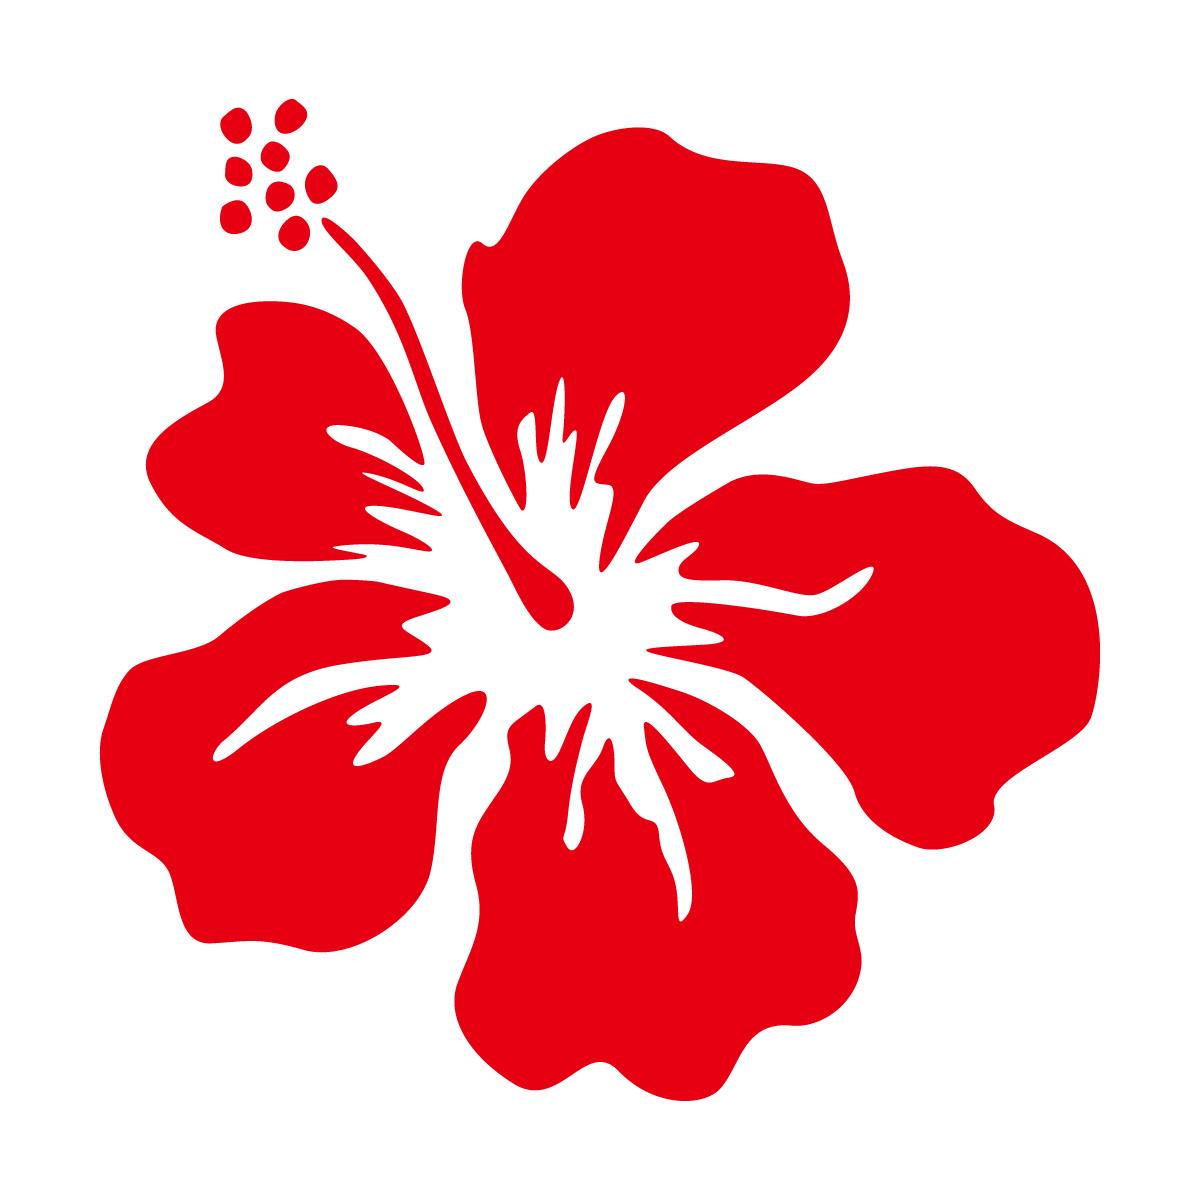 赤色のハイビスカス・南国植物のカッティングステッカー・シール